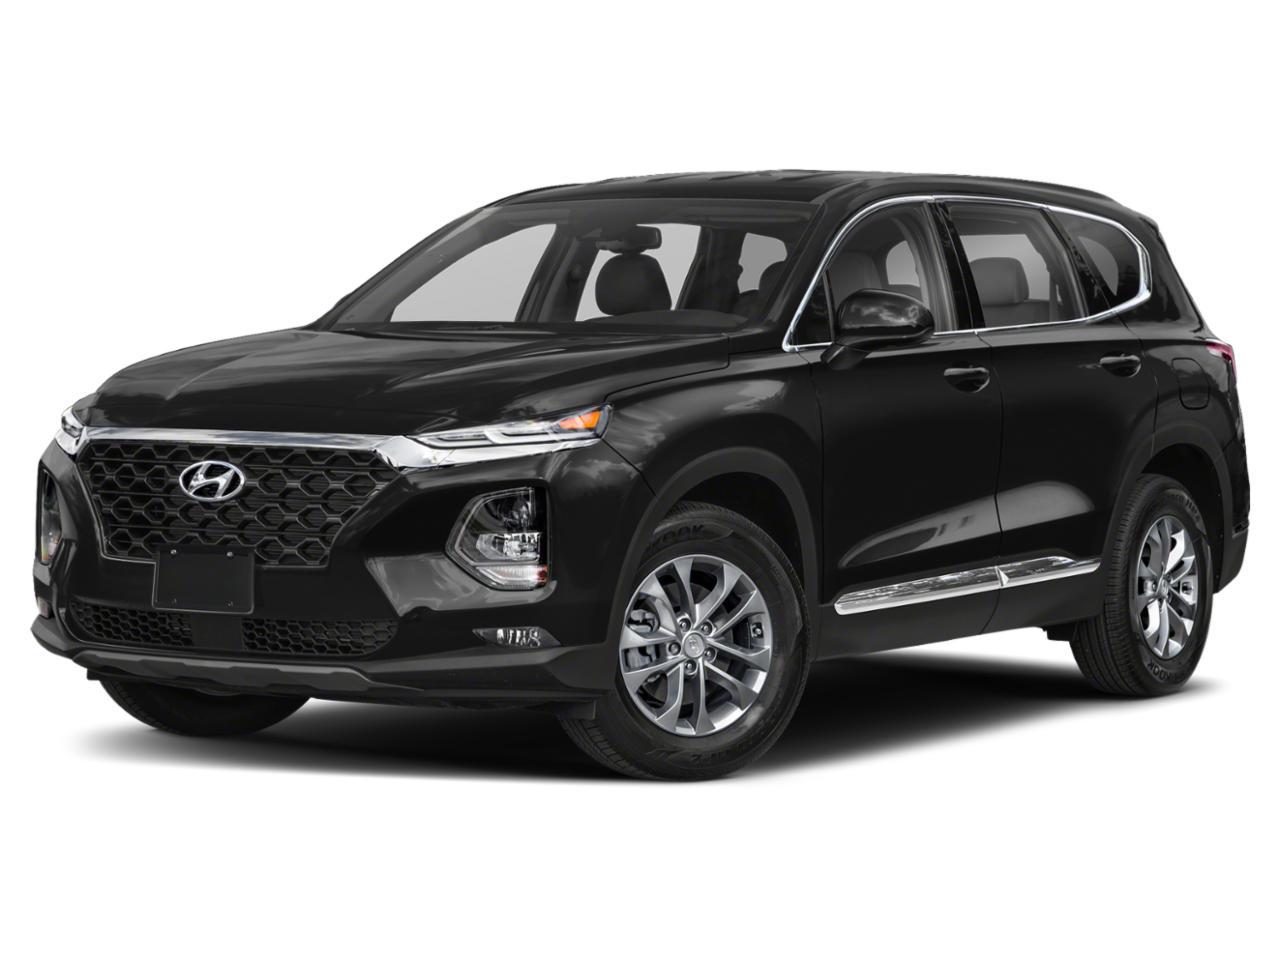 2019 Hyundai Santa Fe Vehicle Photo in LAFAYETTE, LA 70503-4541